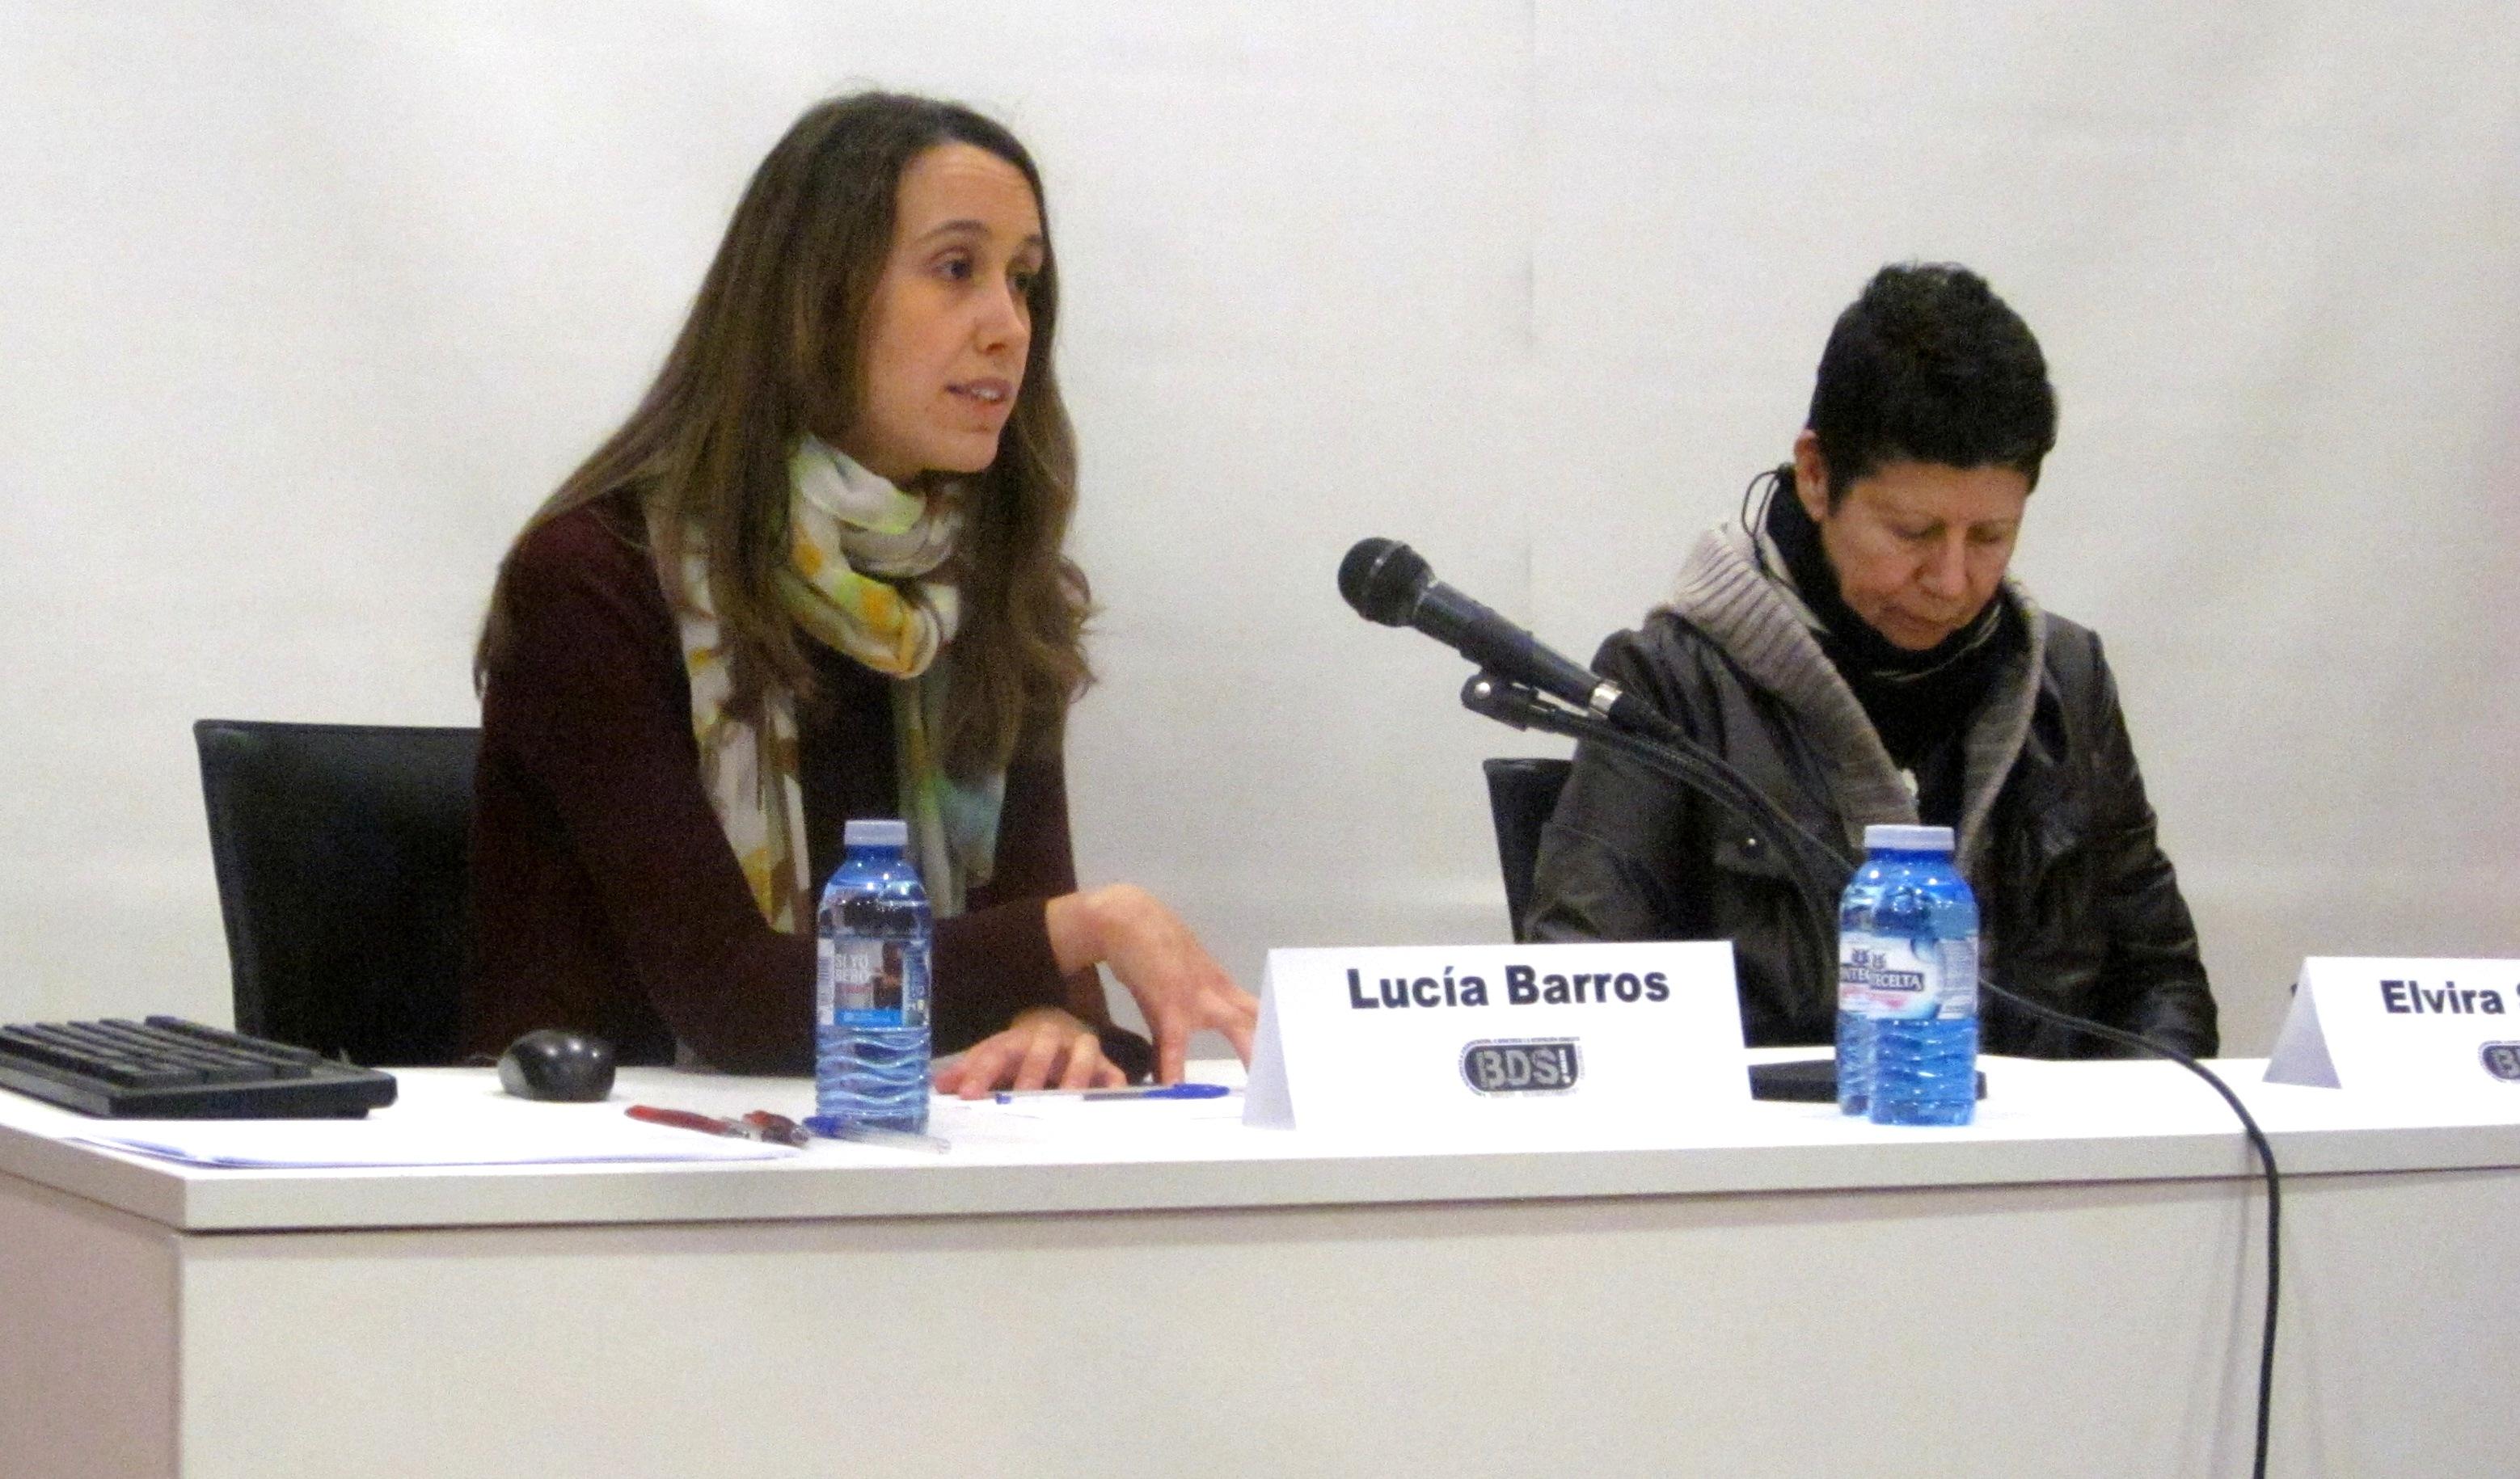 Lucia Barros